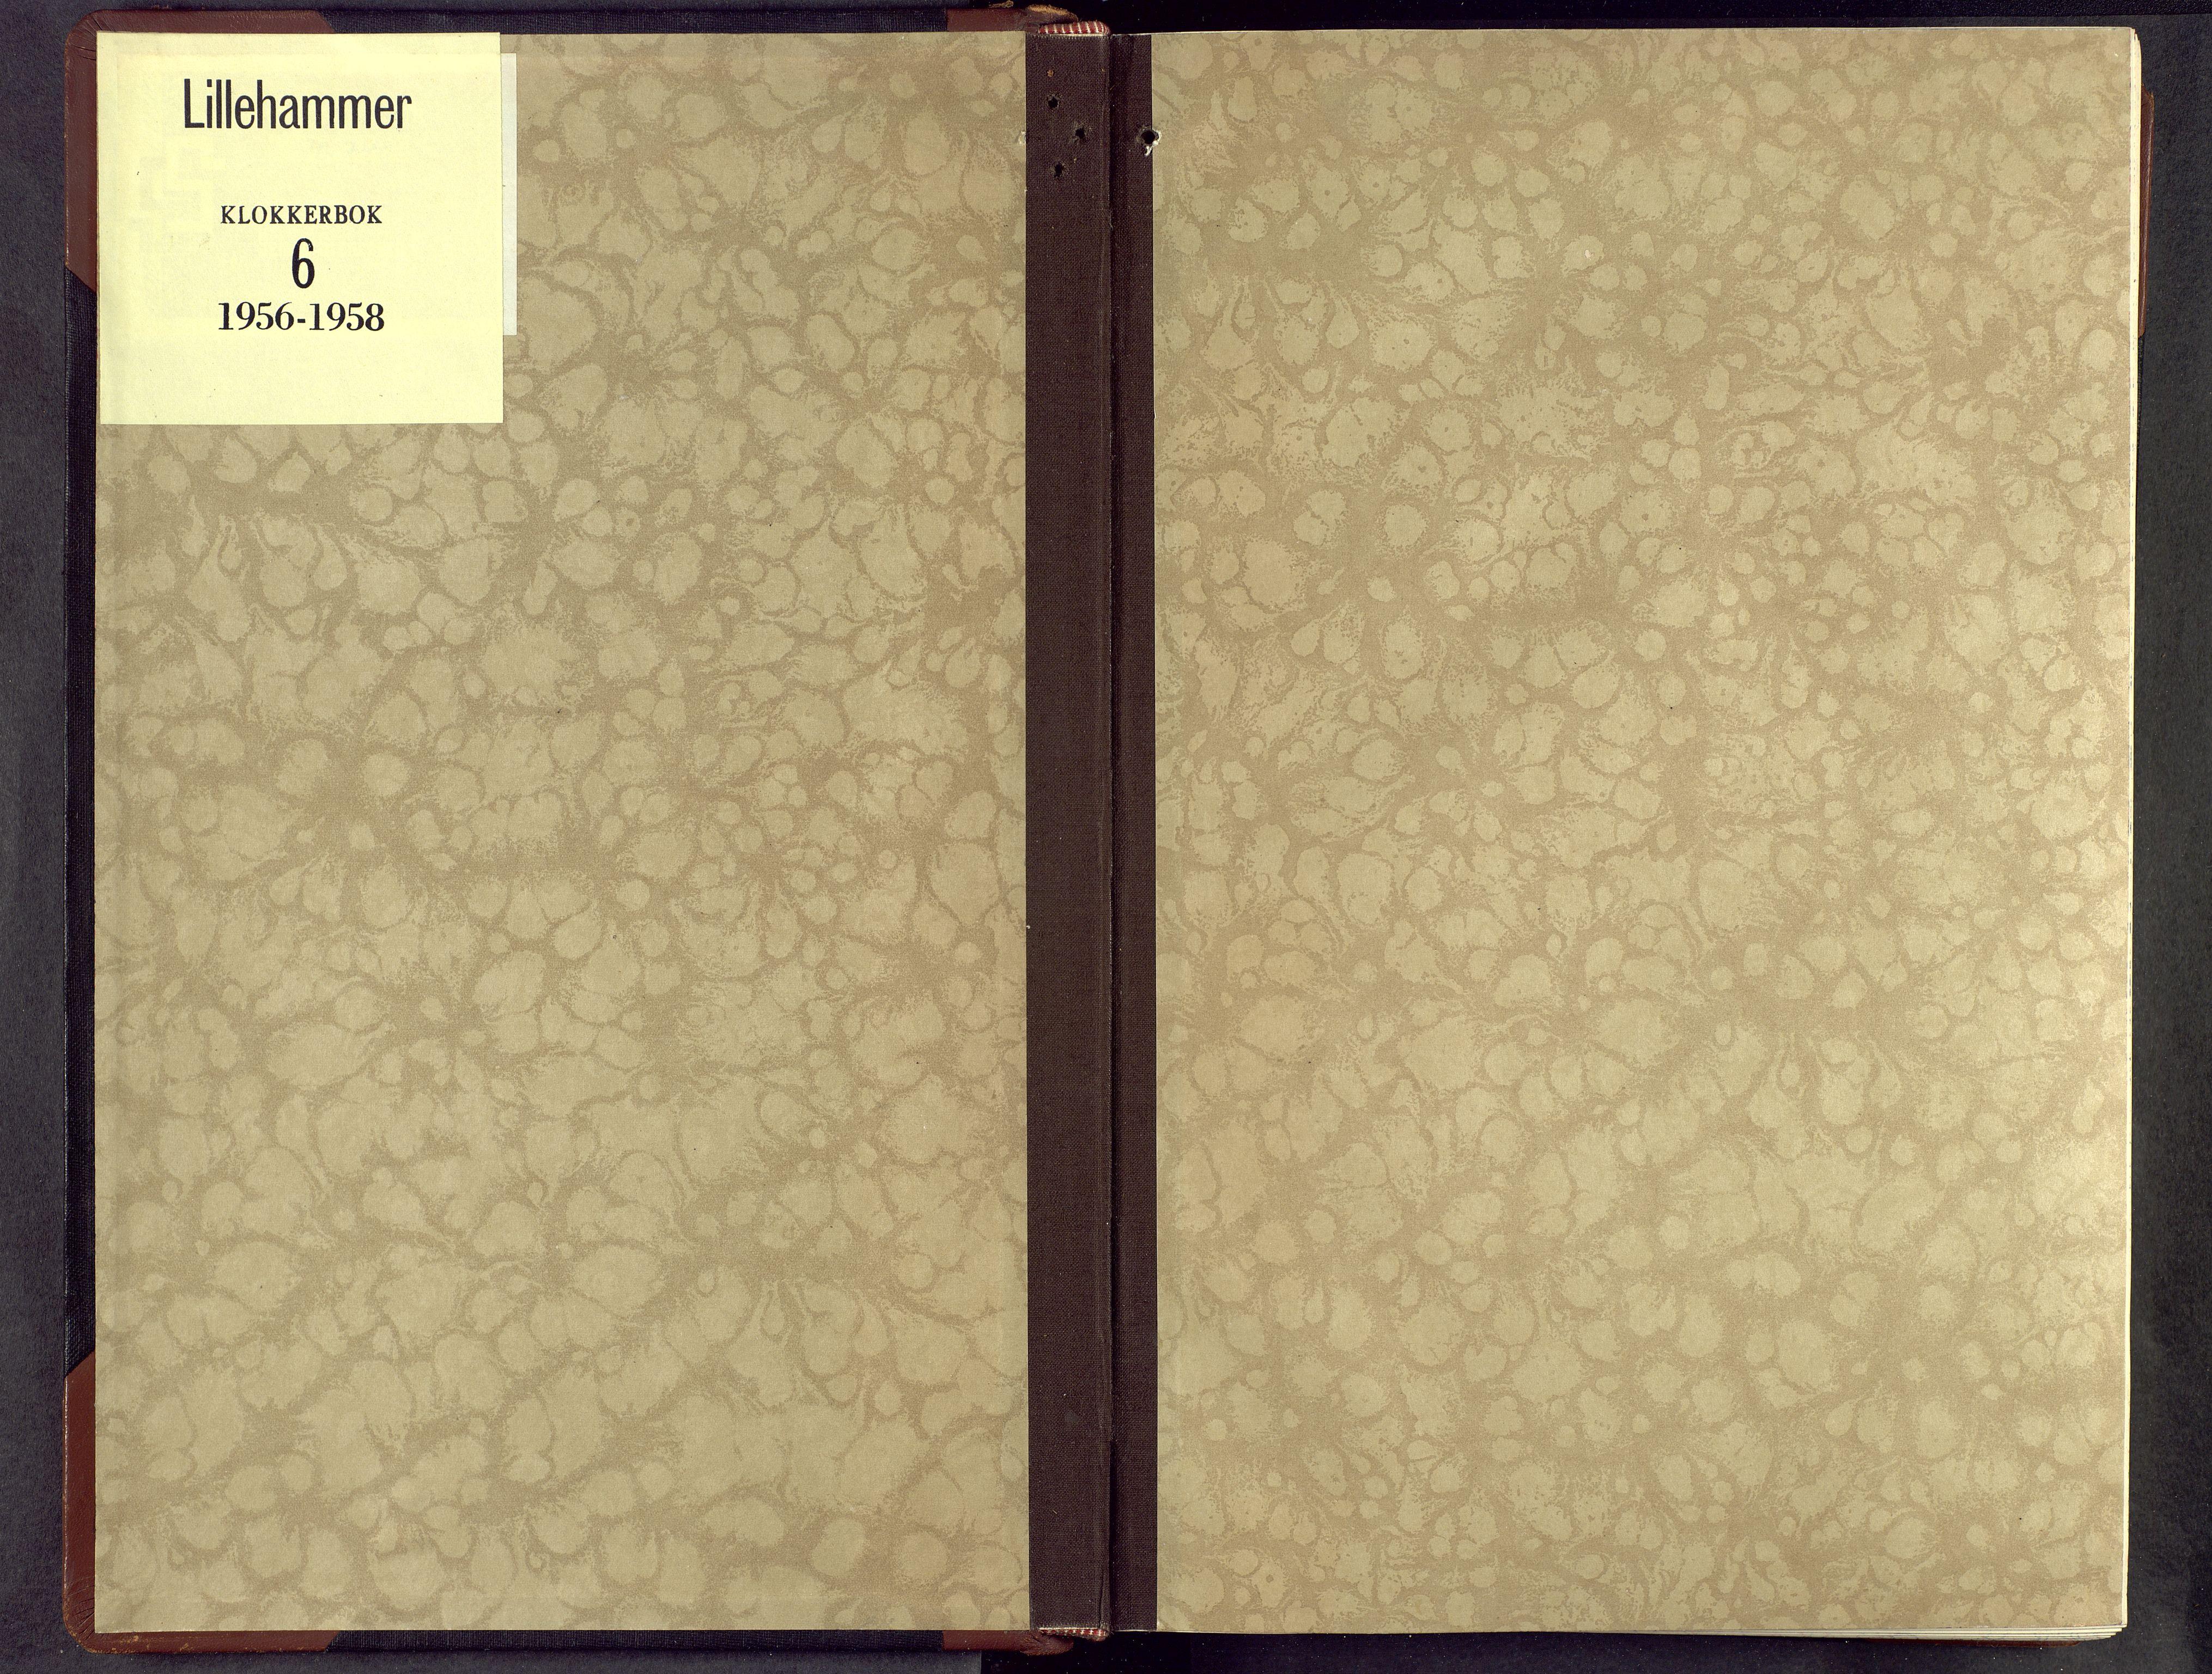 SAH, Lillehammer prestekontor, H/Ha/Hab/L0006: Parish register (copy) no. 6, 1956-1958